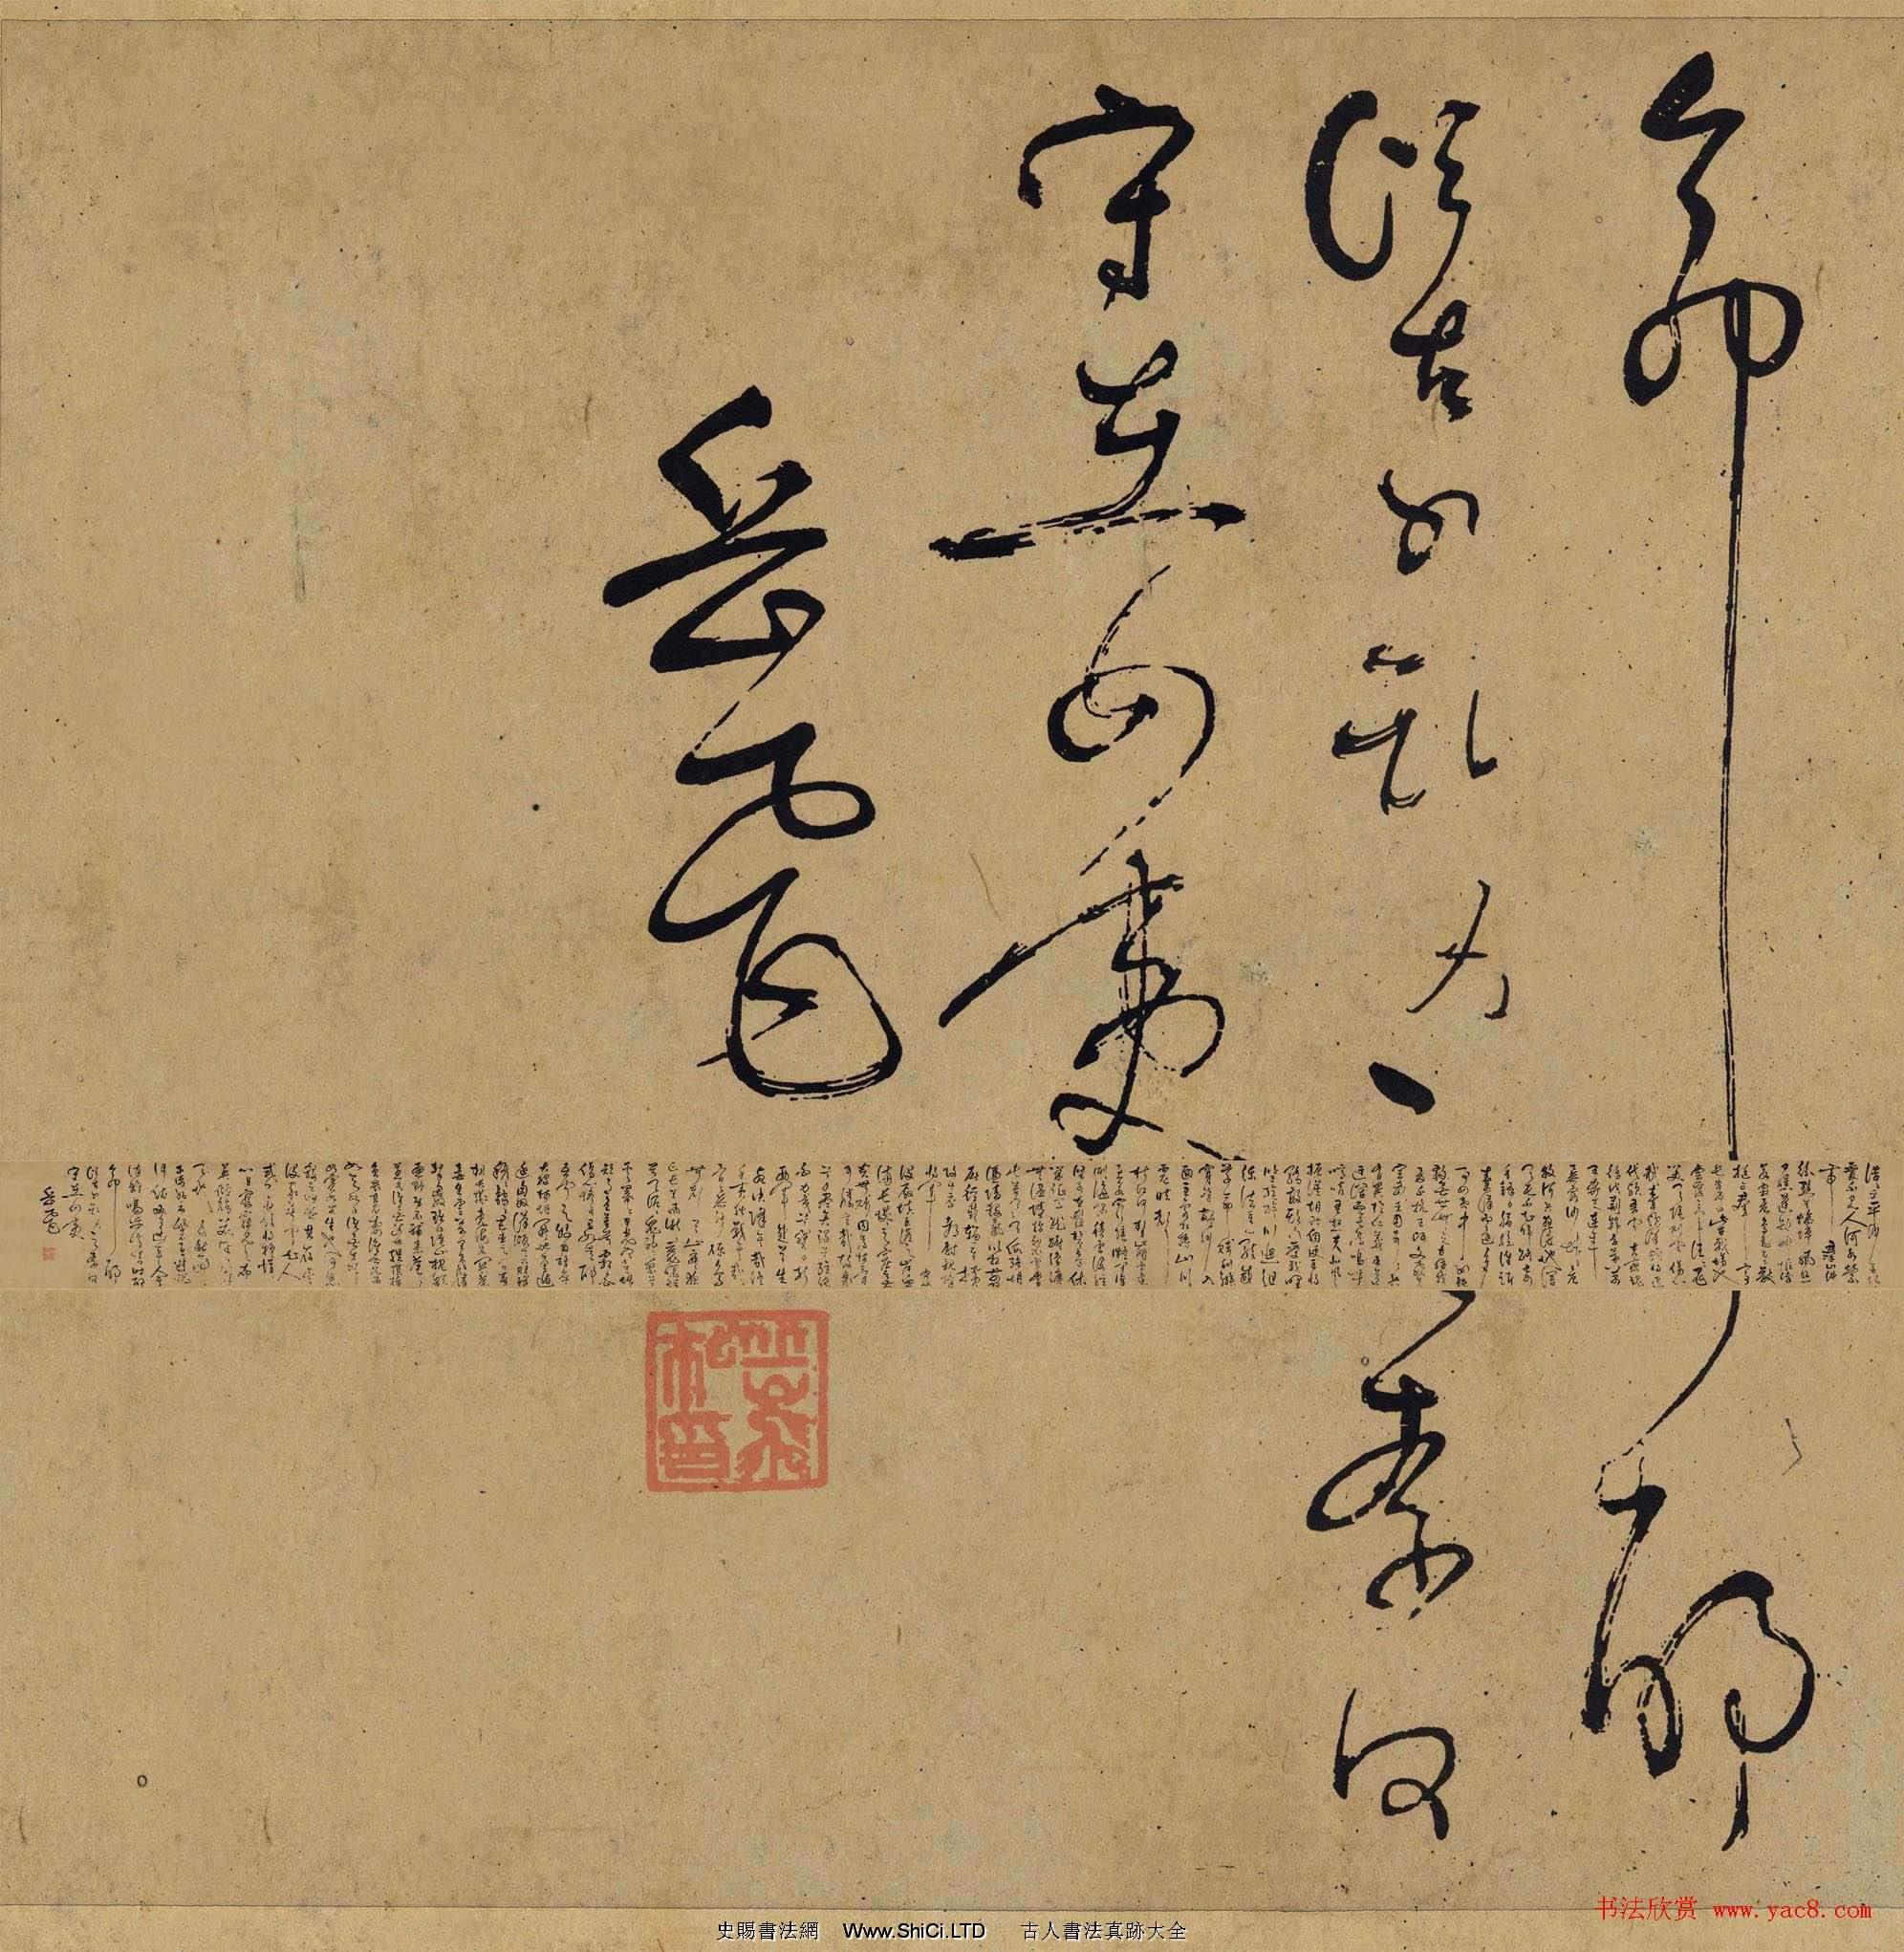 宋代岳飛草書墨跡悼古戰場高清本(共15張圖片)